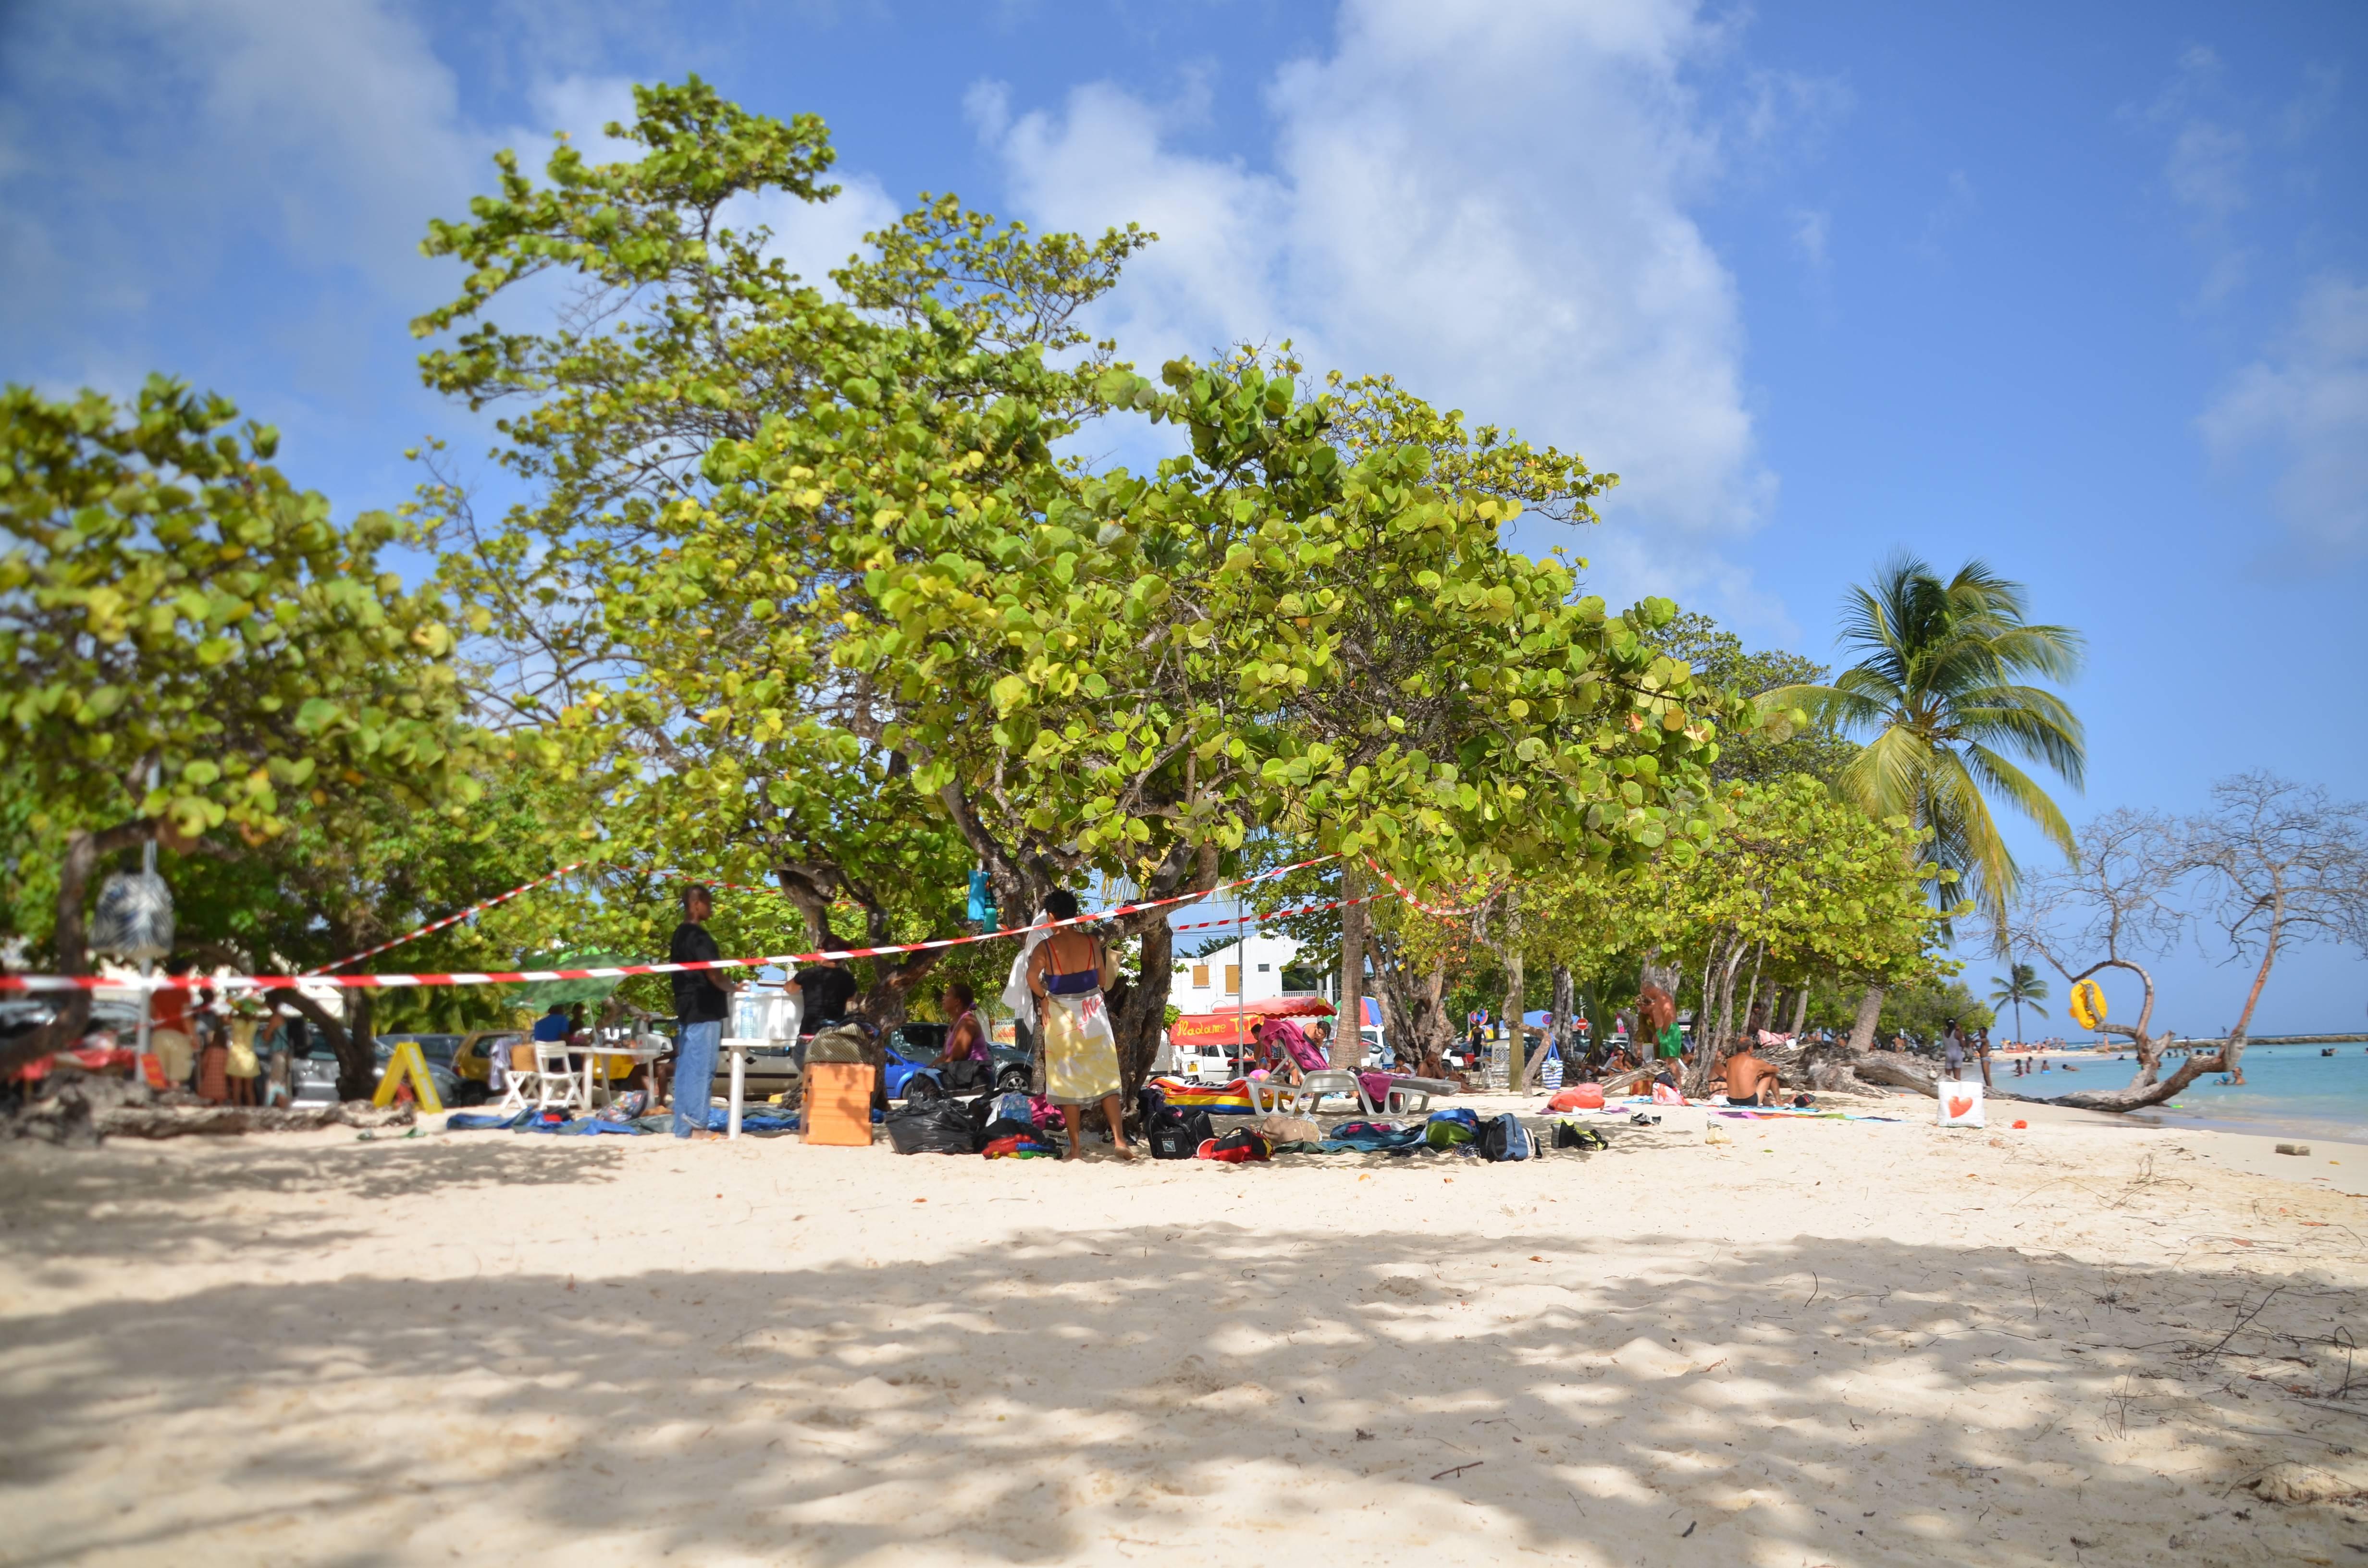 Photo 2: Sainte Anne, son eau turquoise et ses barbecues du Dimanche !